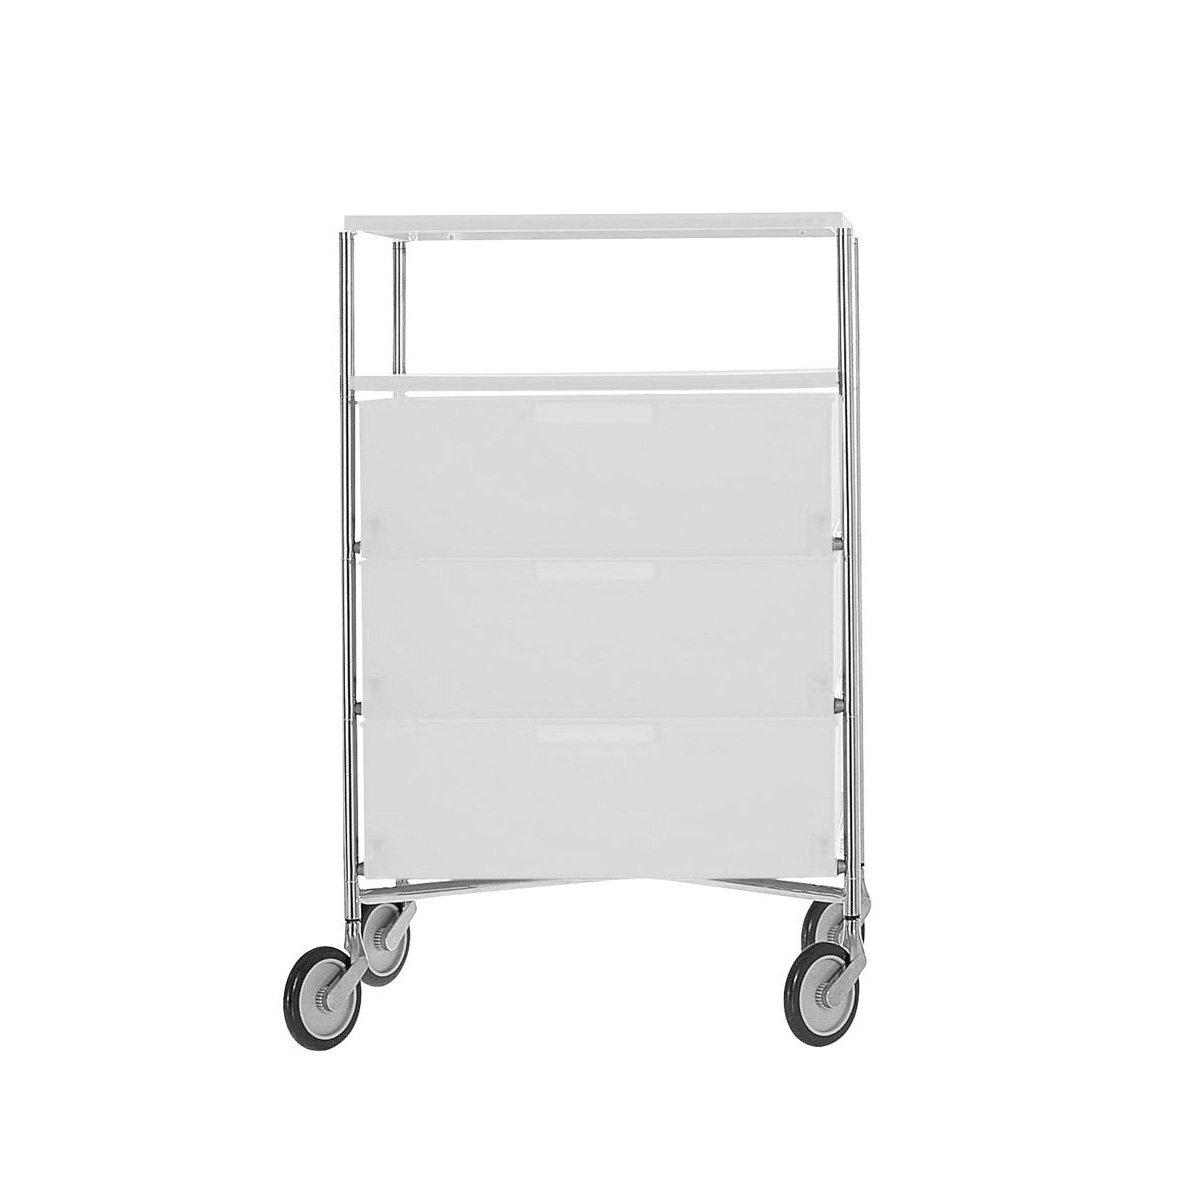 Kartell 2020L1 Container Mobil, 4 Schubladen, eisfarben